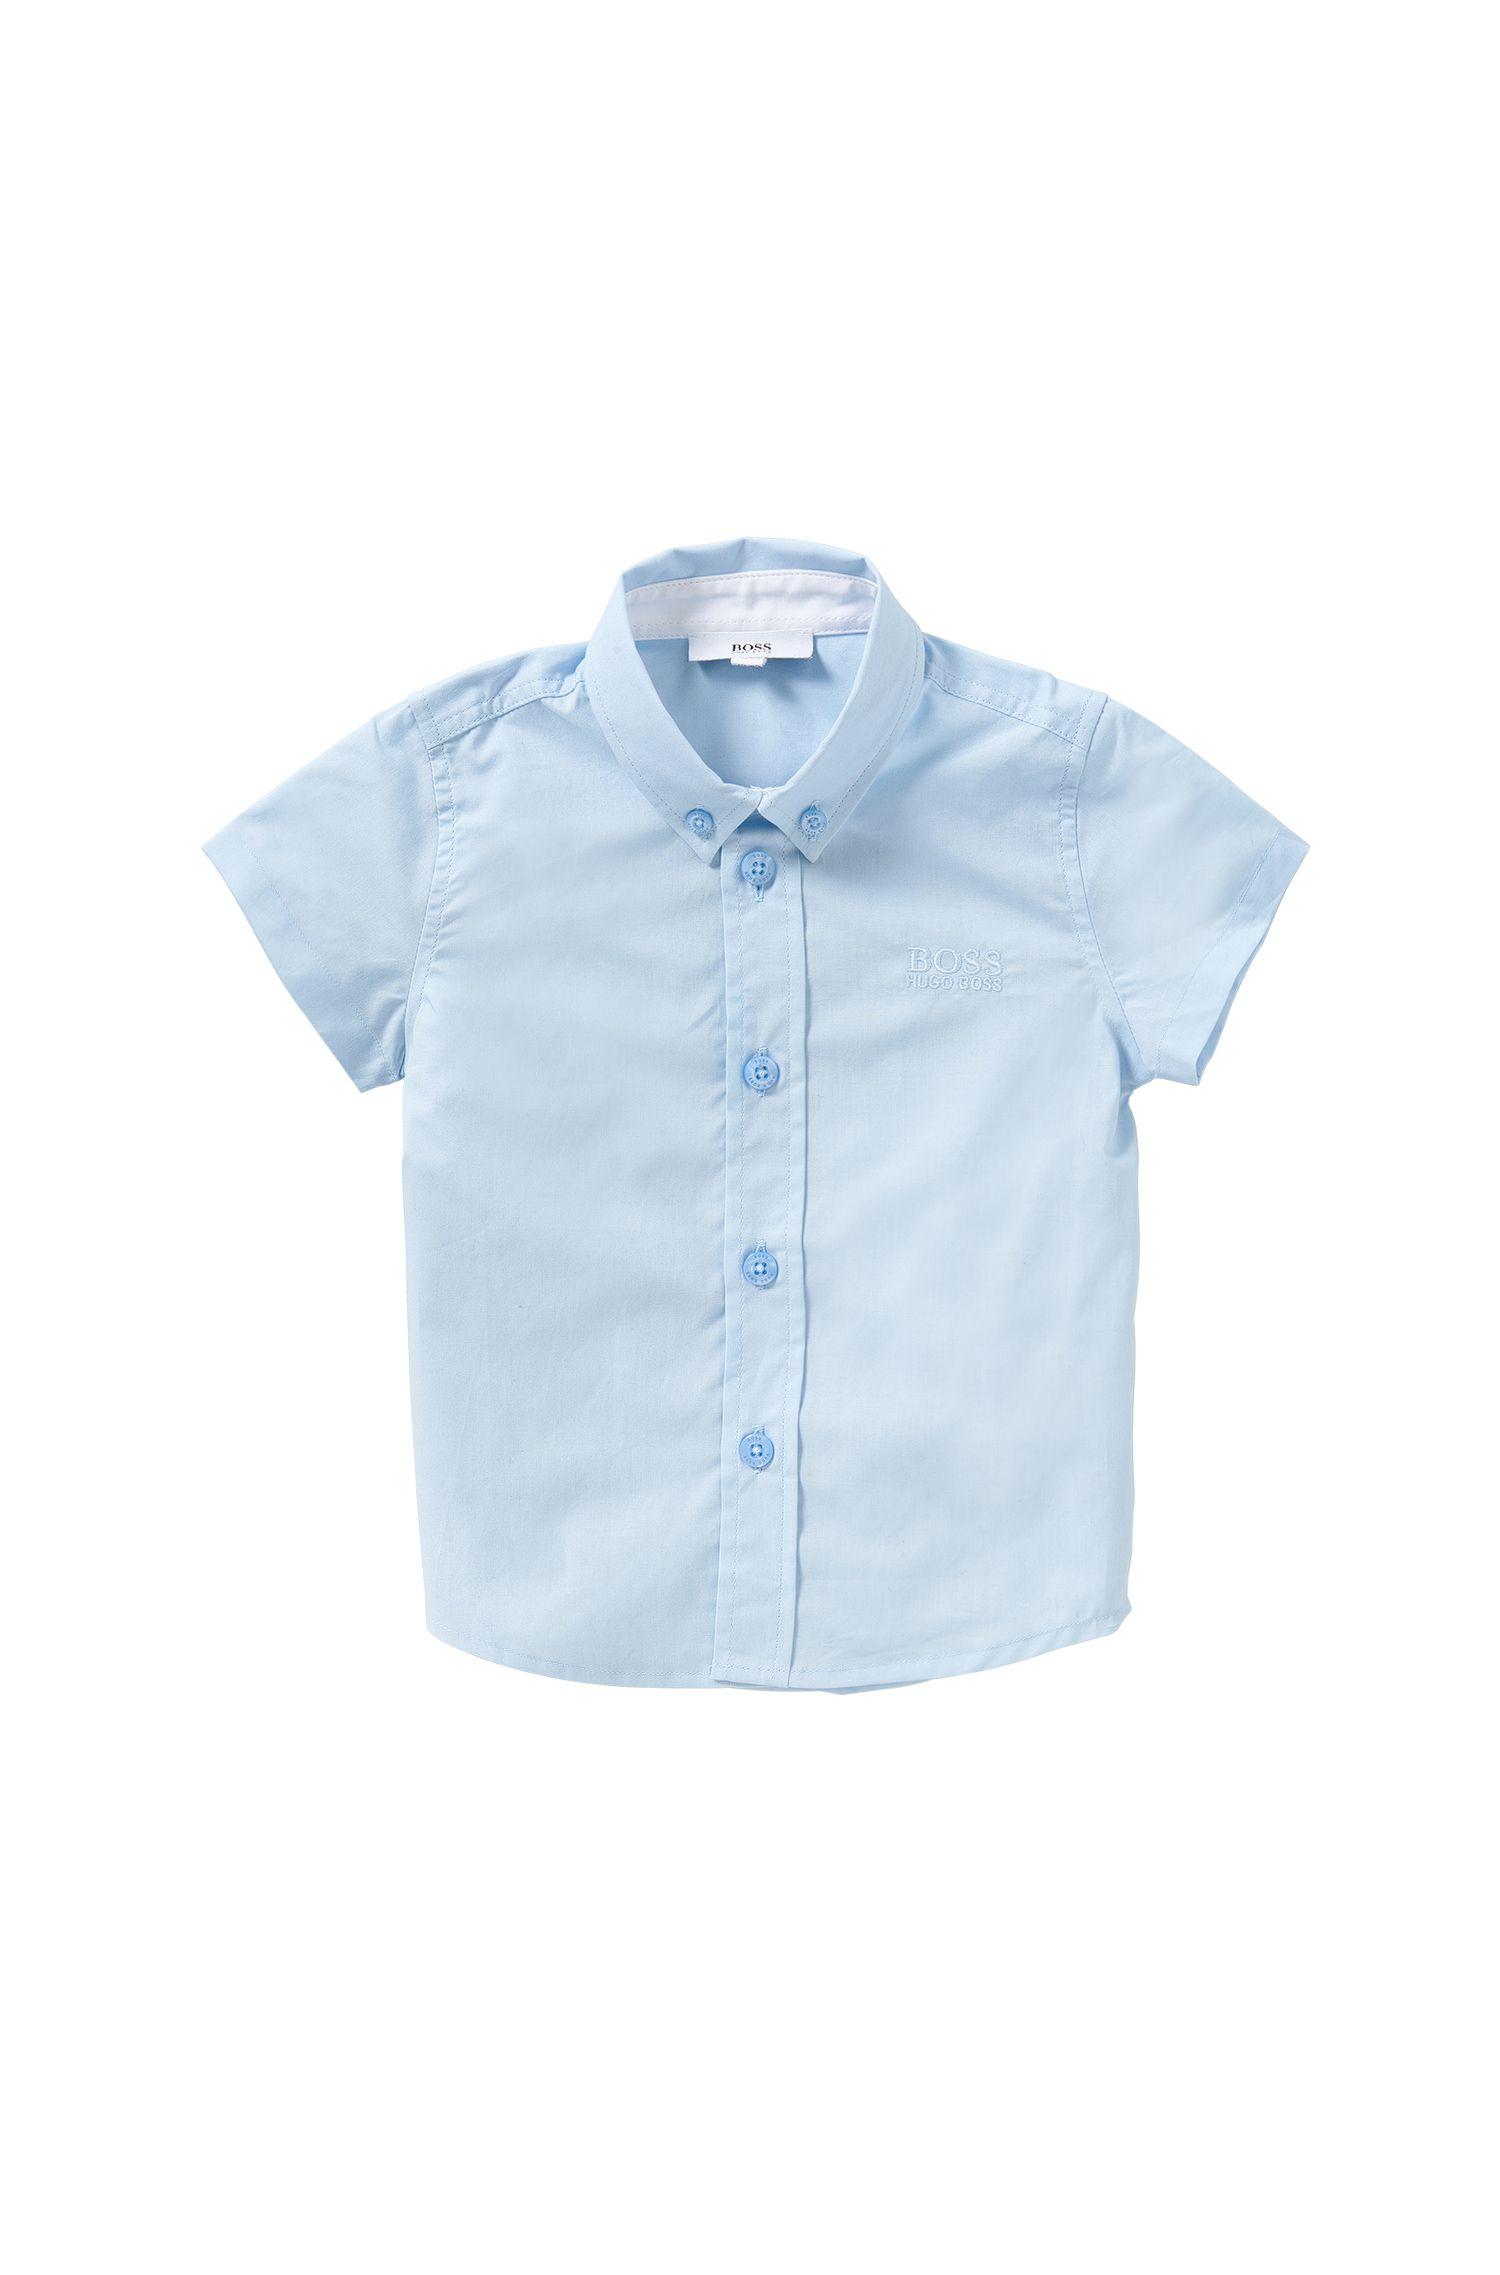 Baby-Hemd aus Baumwolle mit kurzen Ärmeln: 'J05463'